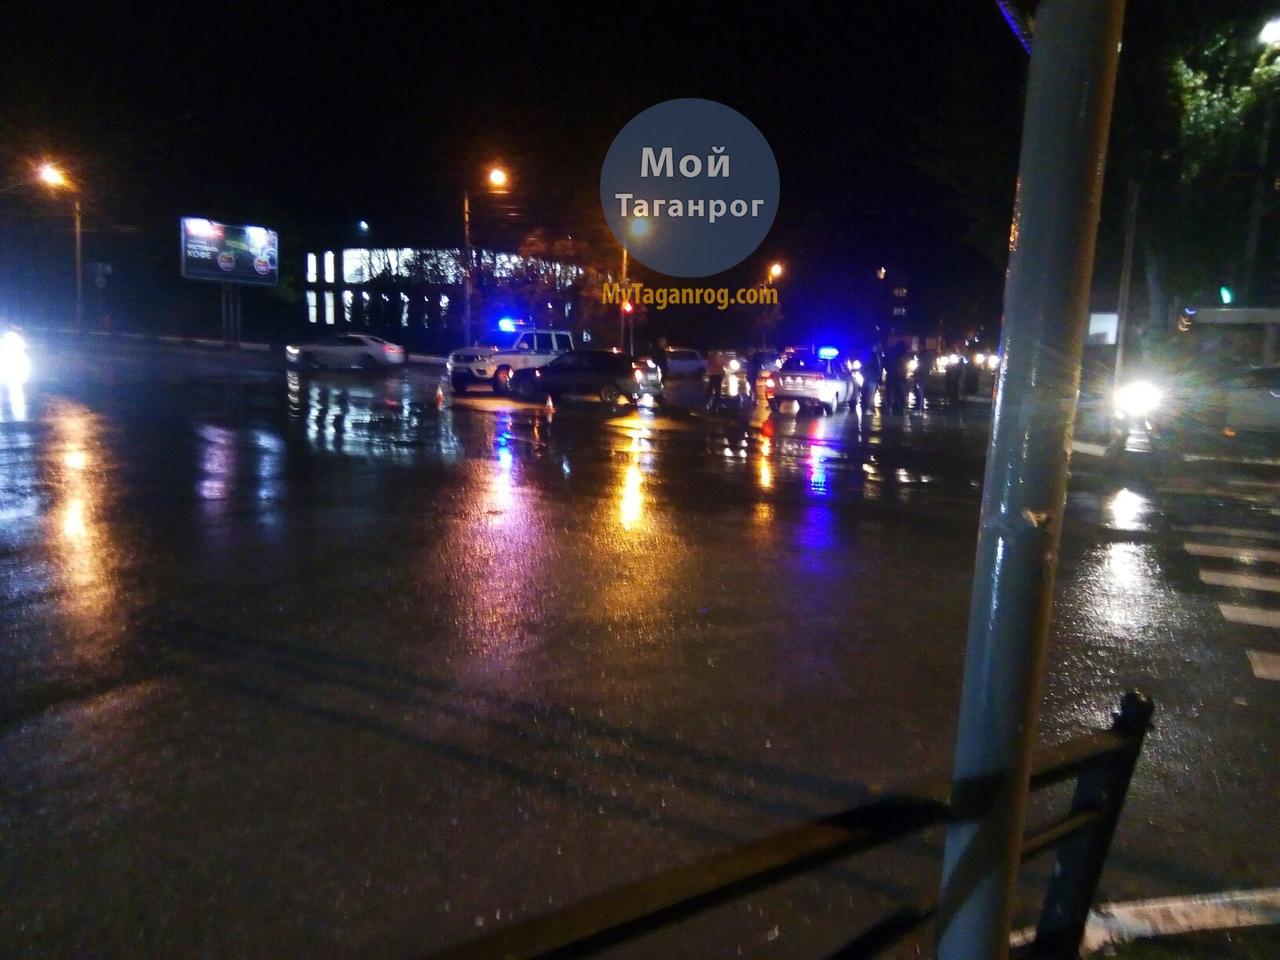 Сегодня вечером в Таганроге на пешеходном переходе насмерть сбили неизвестную женщину